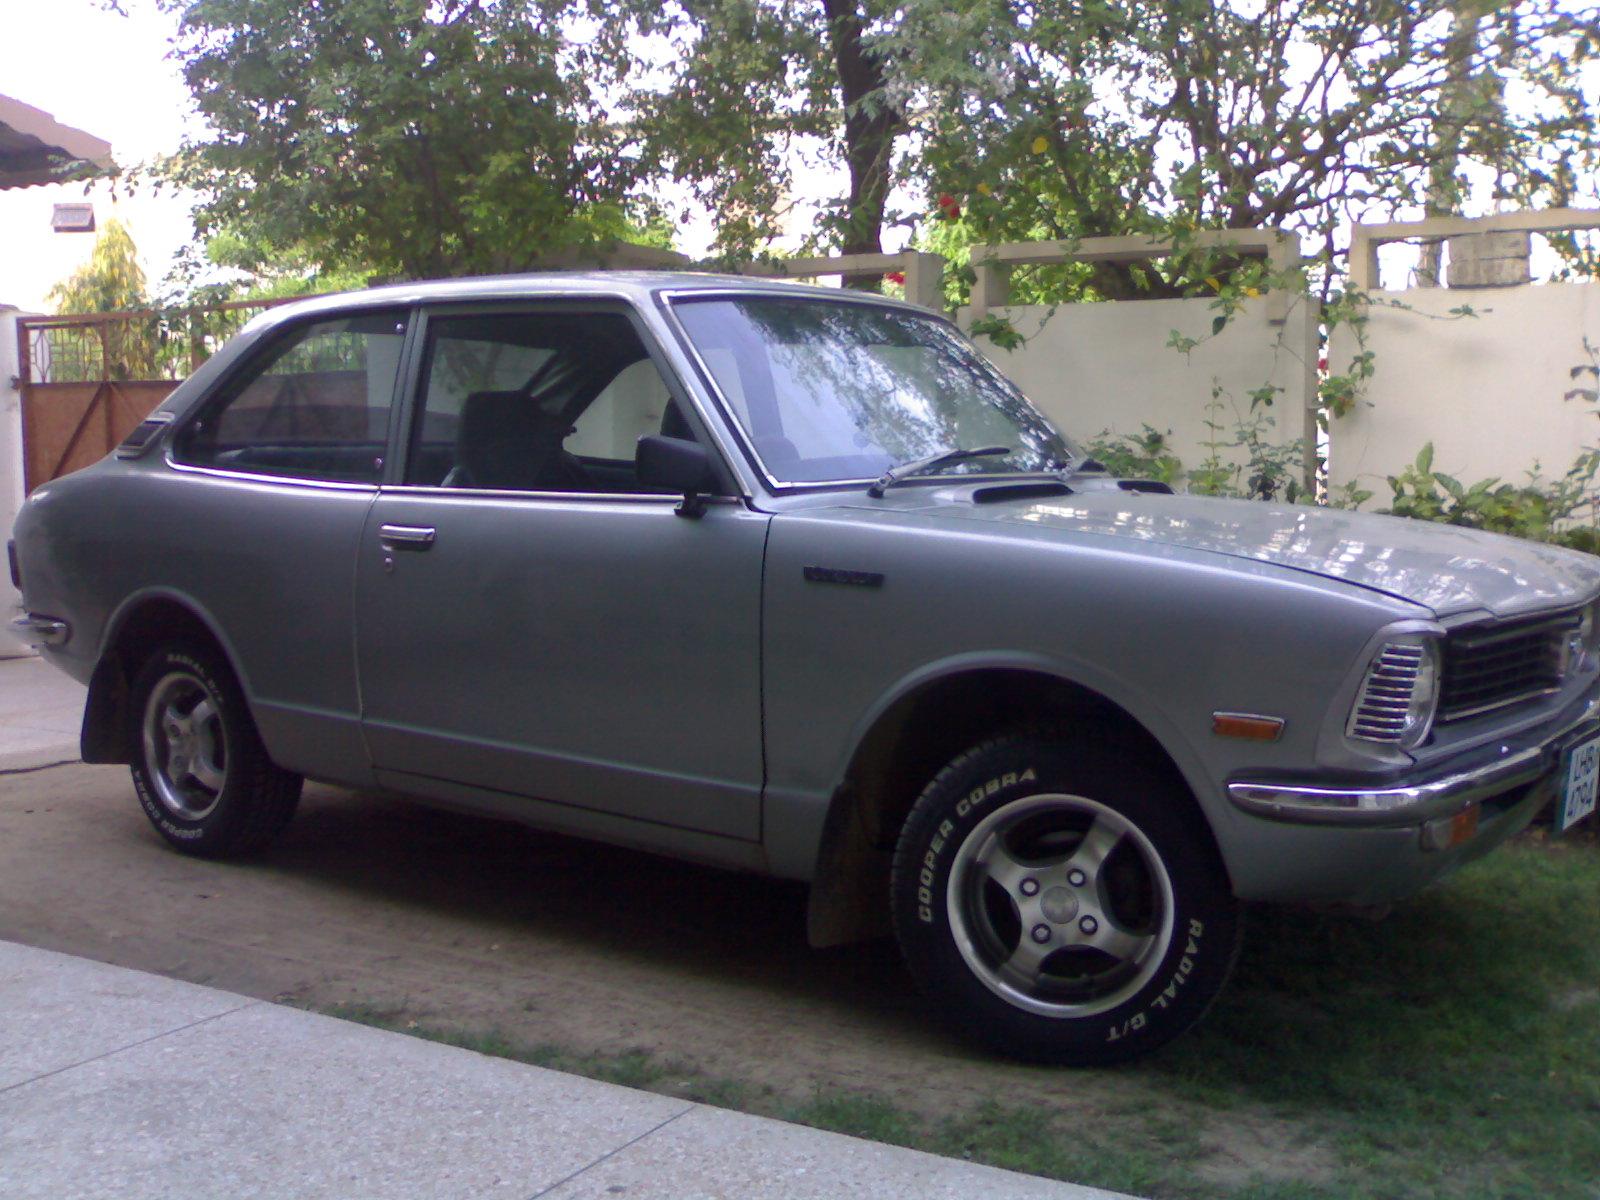 Kelebihan Kekurangan Toyota Corolla 1974 Tangguh